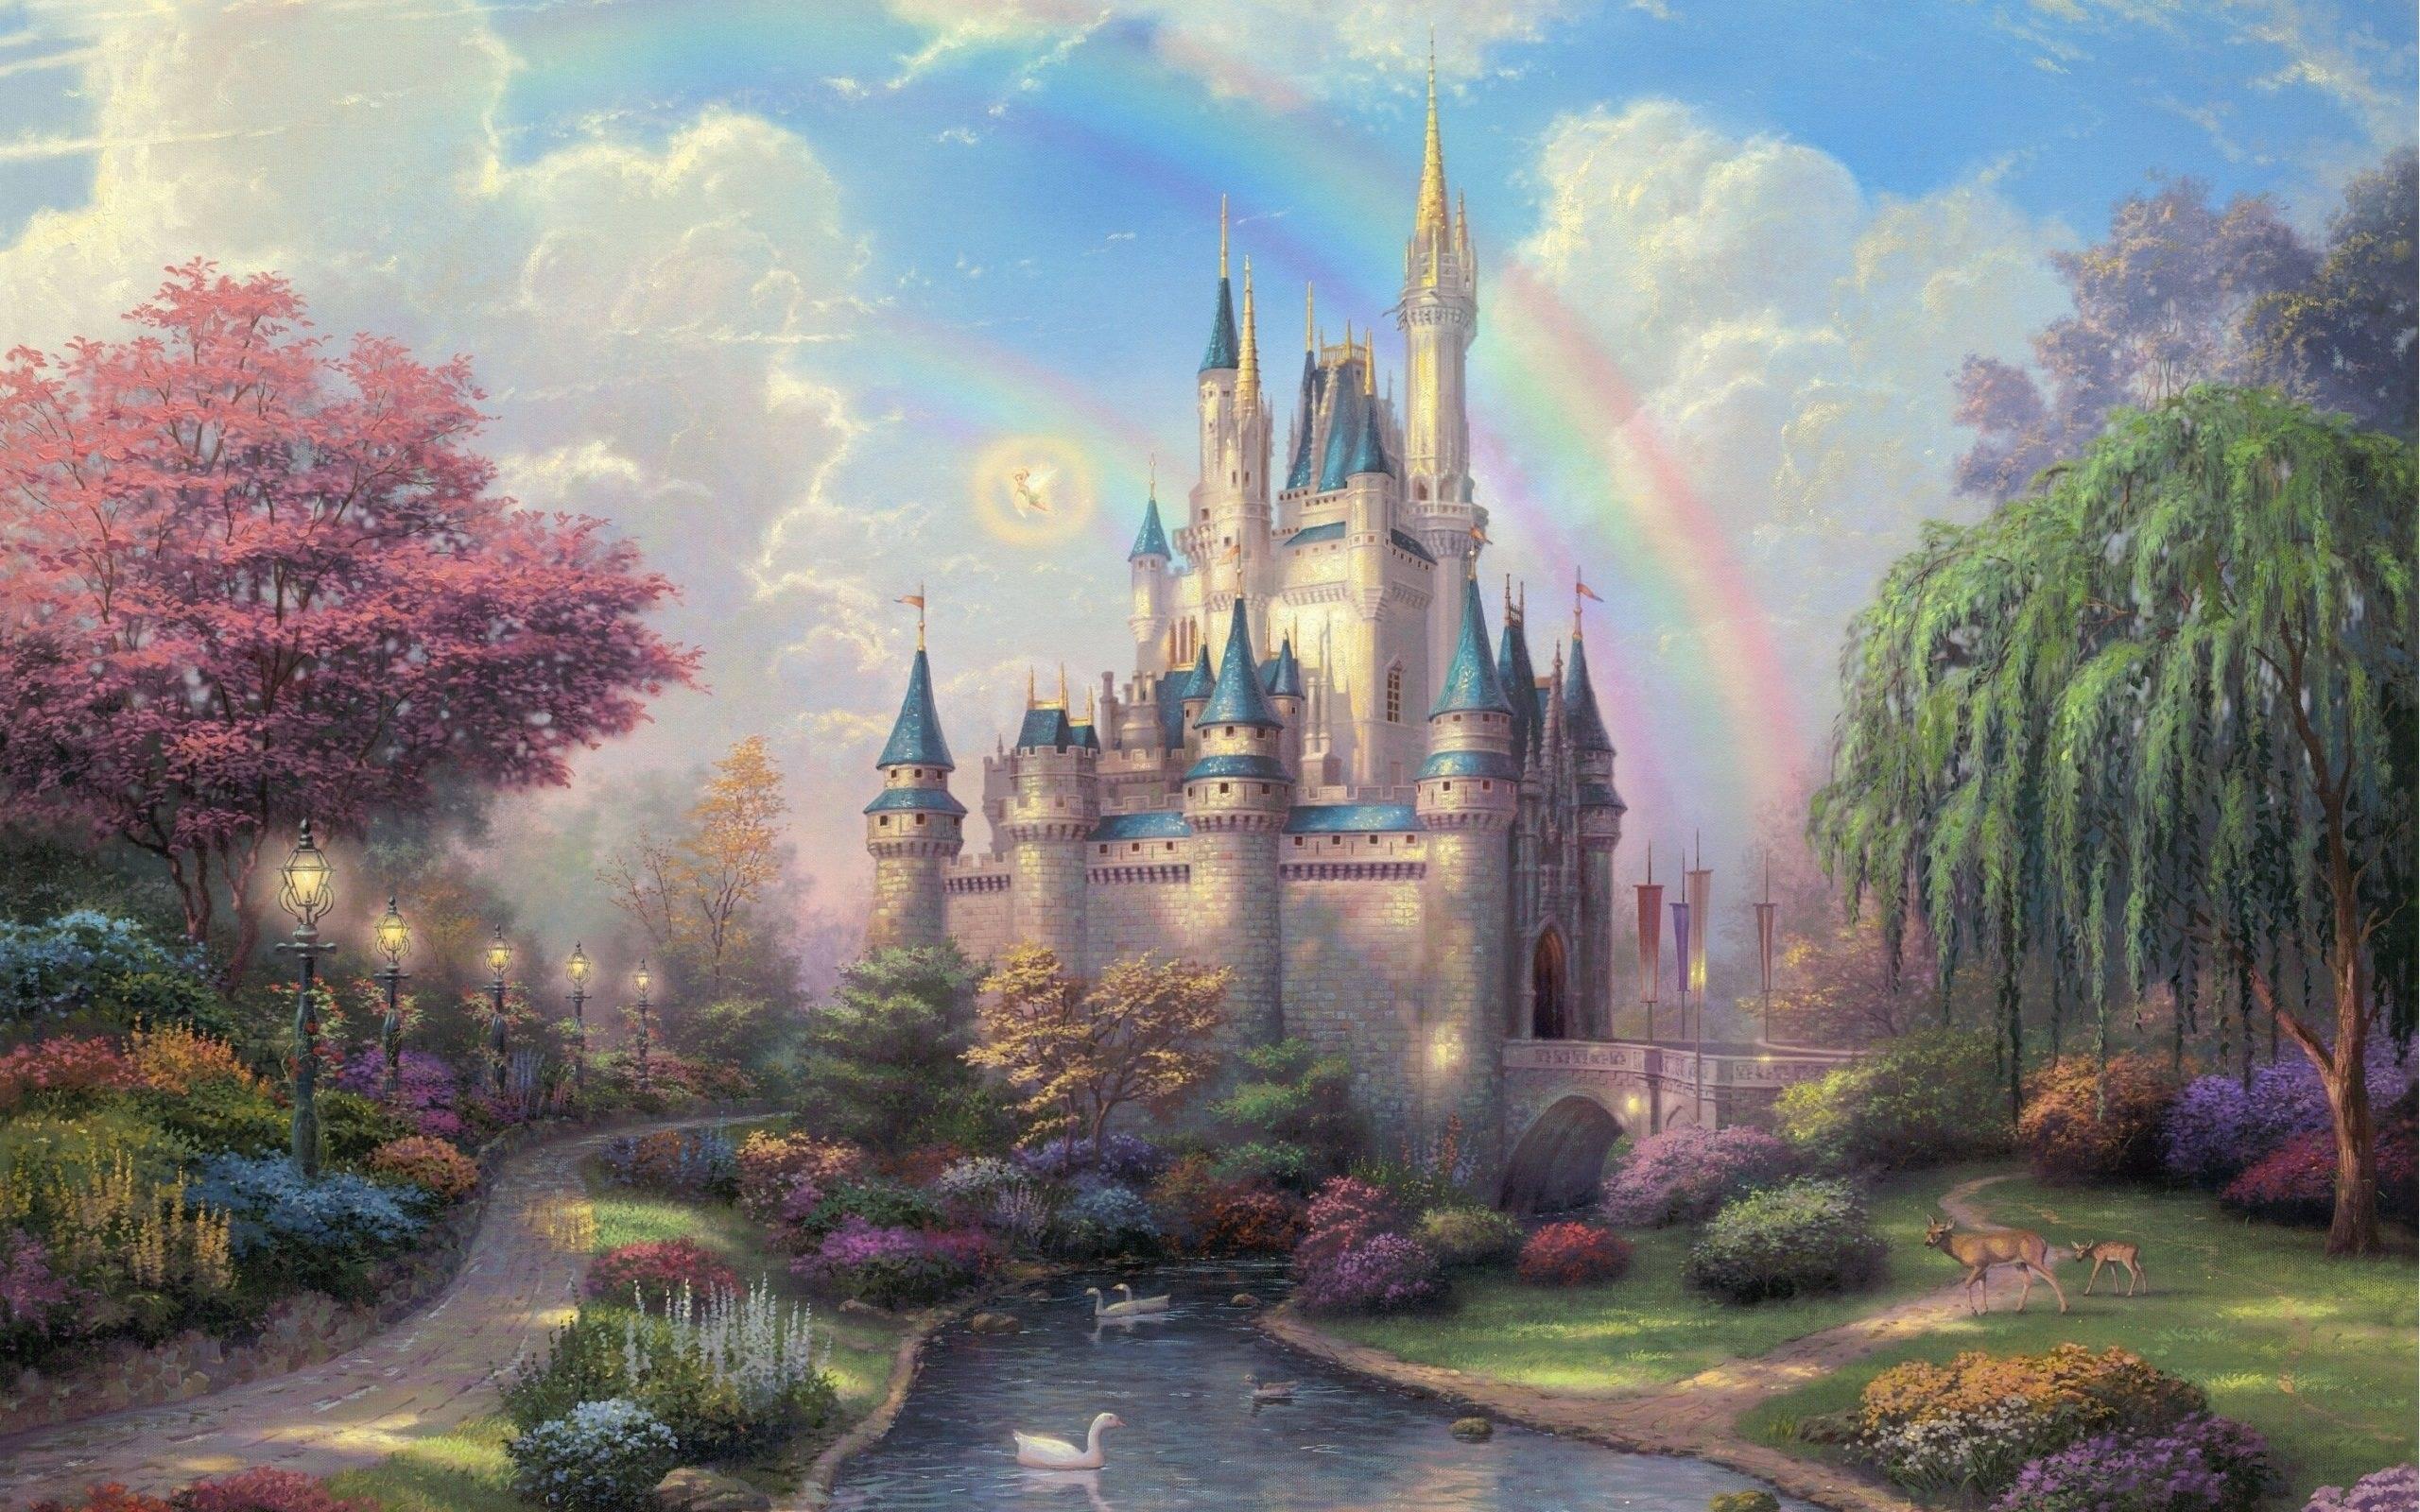 Disney Castle Wallpapers - Full HD wallpaper search